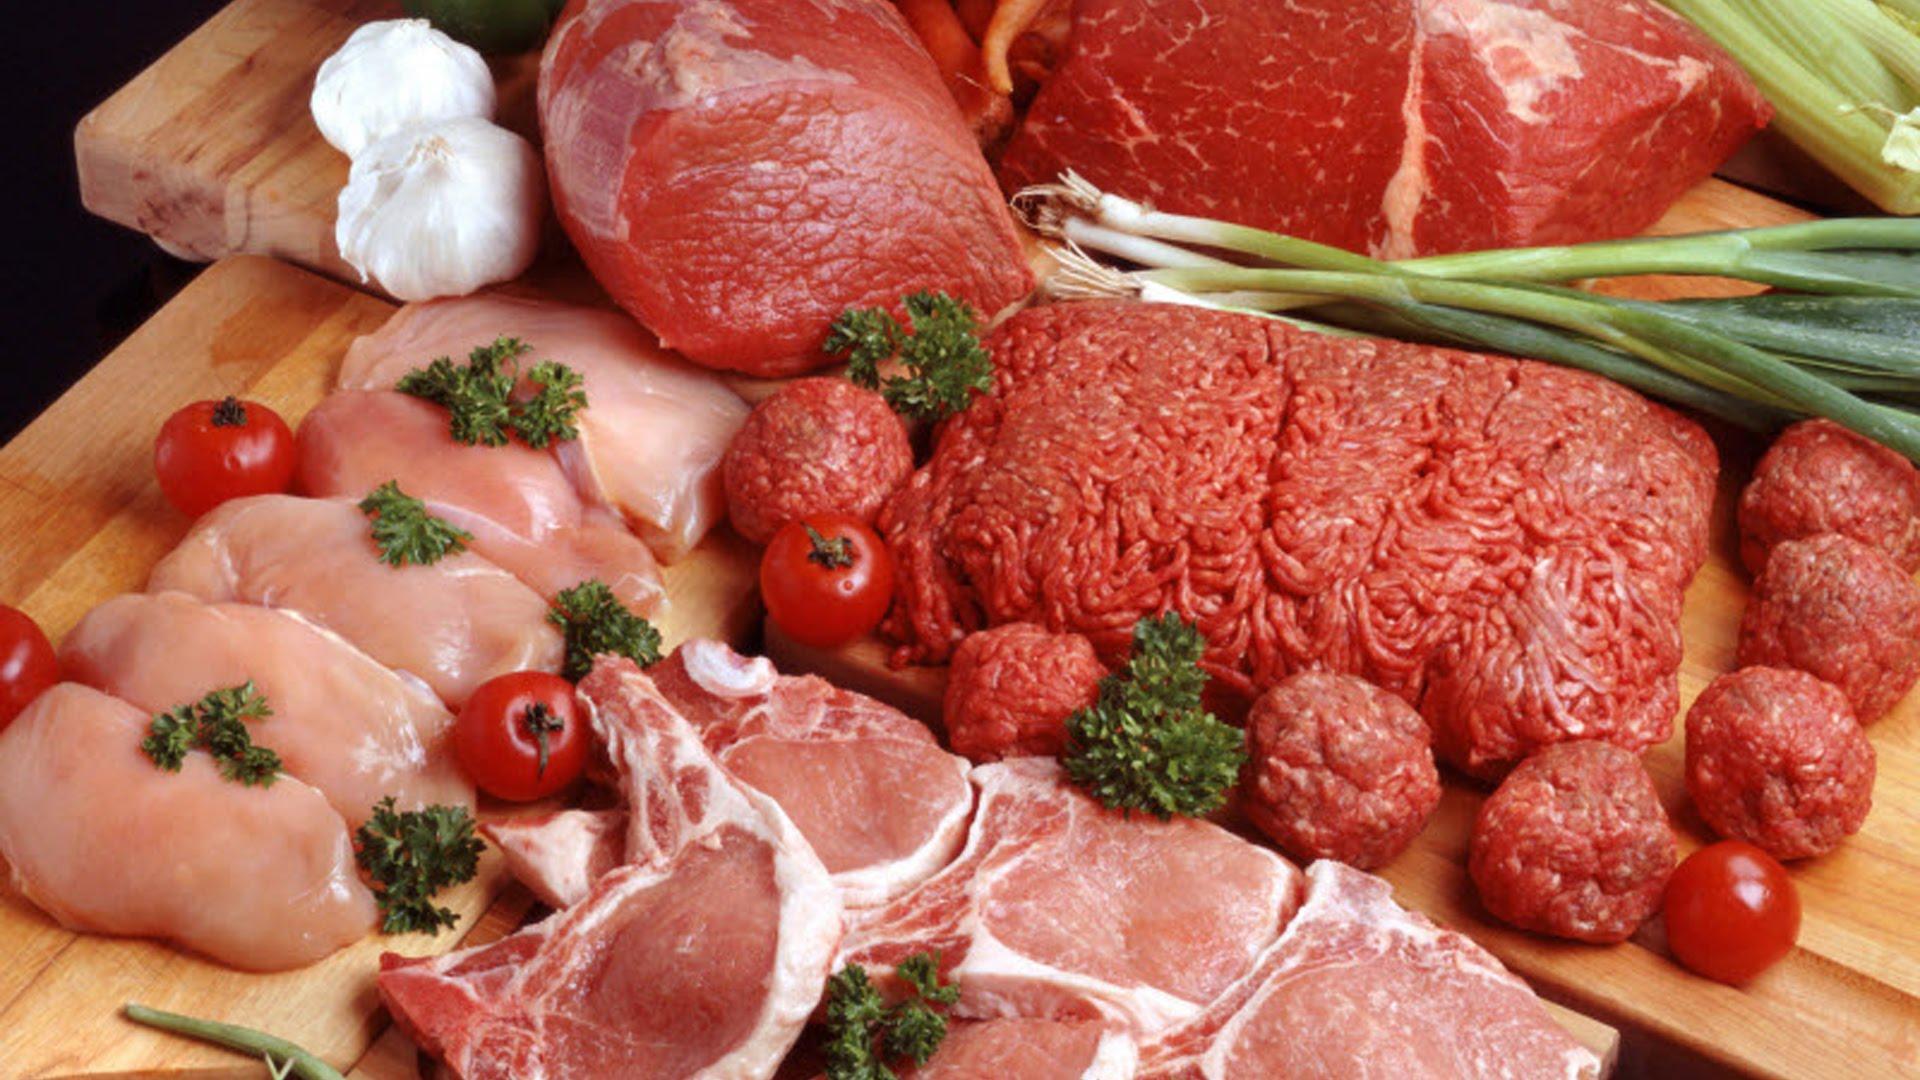 Доставка мяса оптом на предприятия пищевой промышленности и на дом